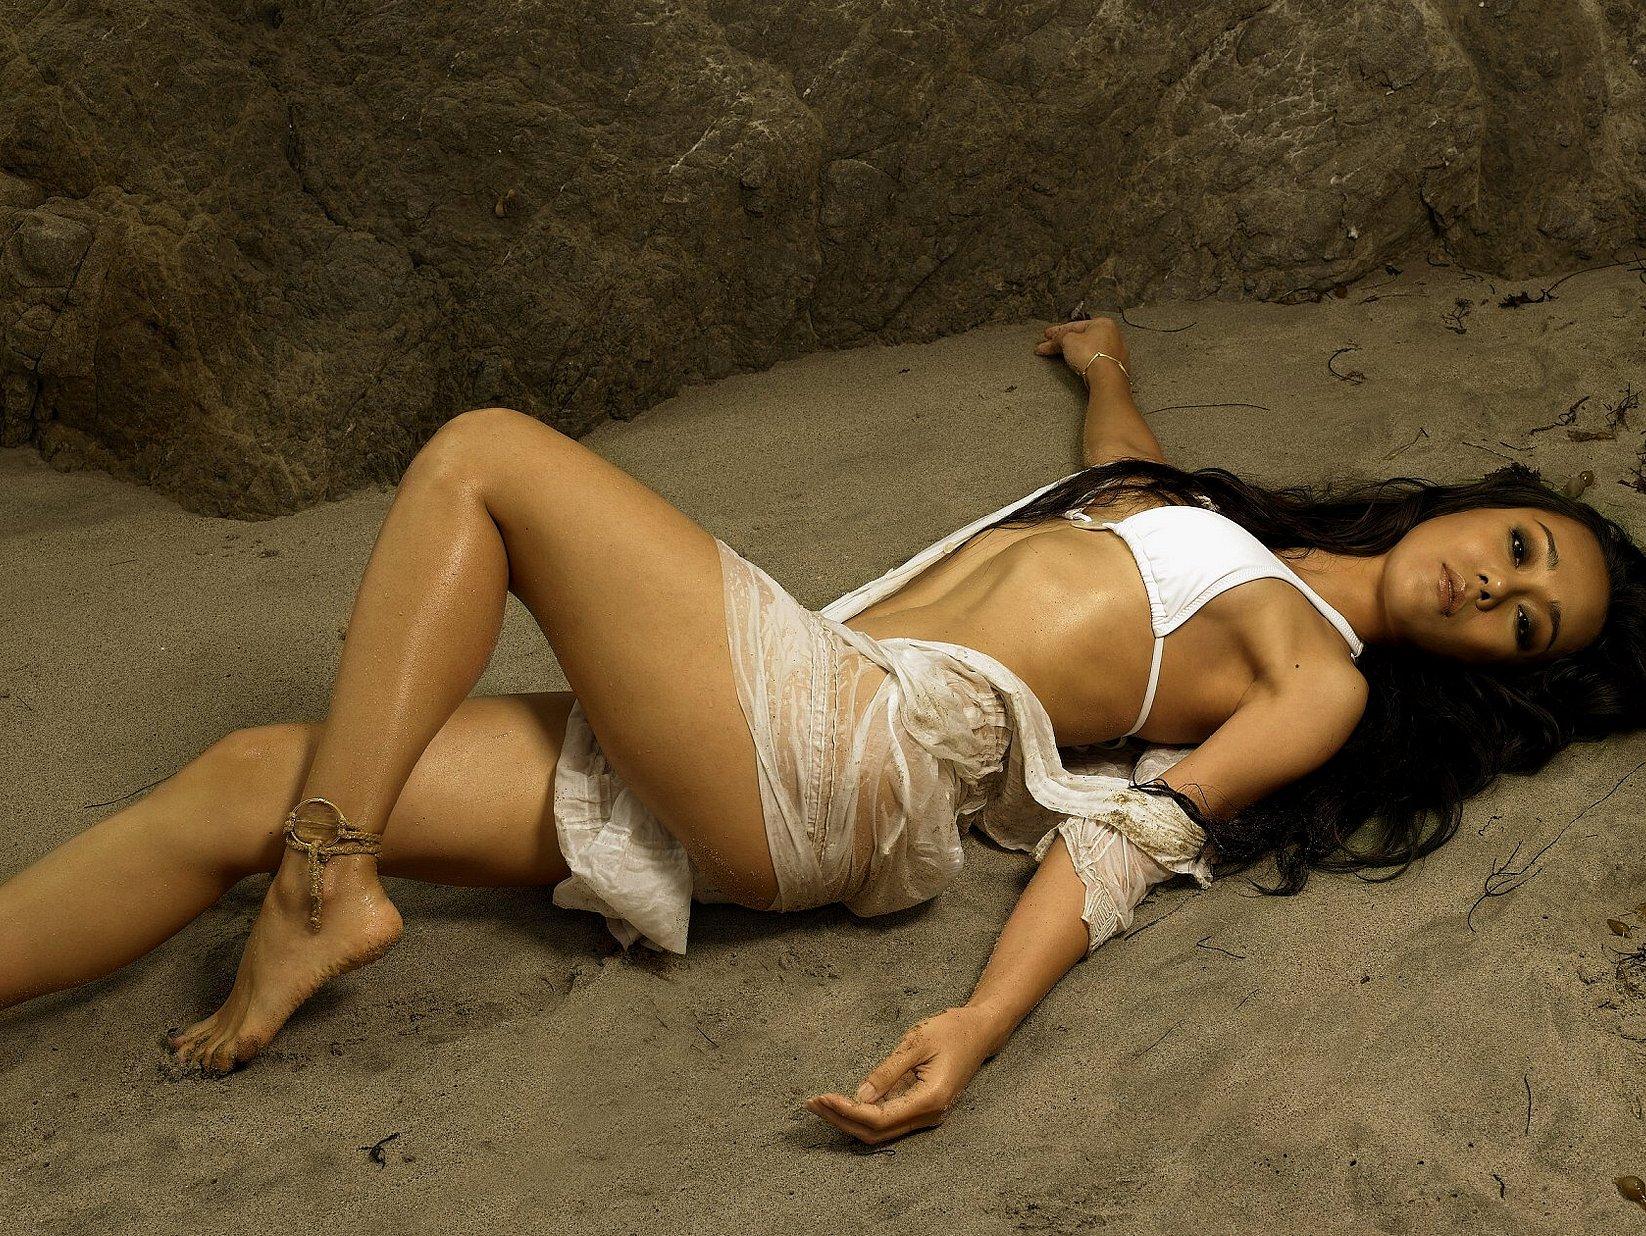 eroticheskiy-videochat-runetki